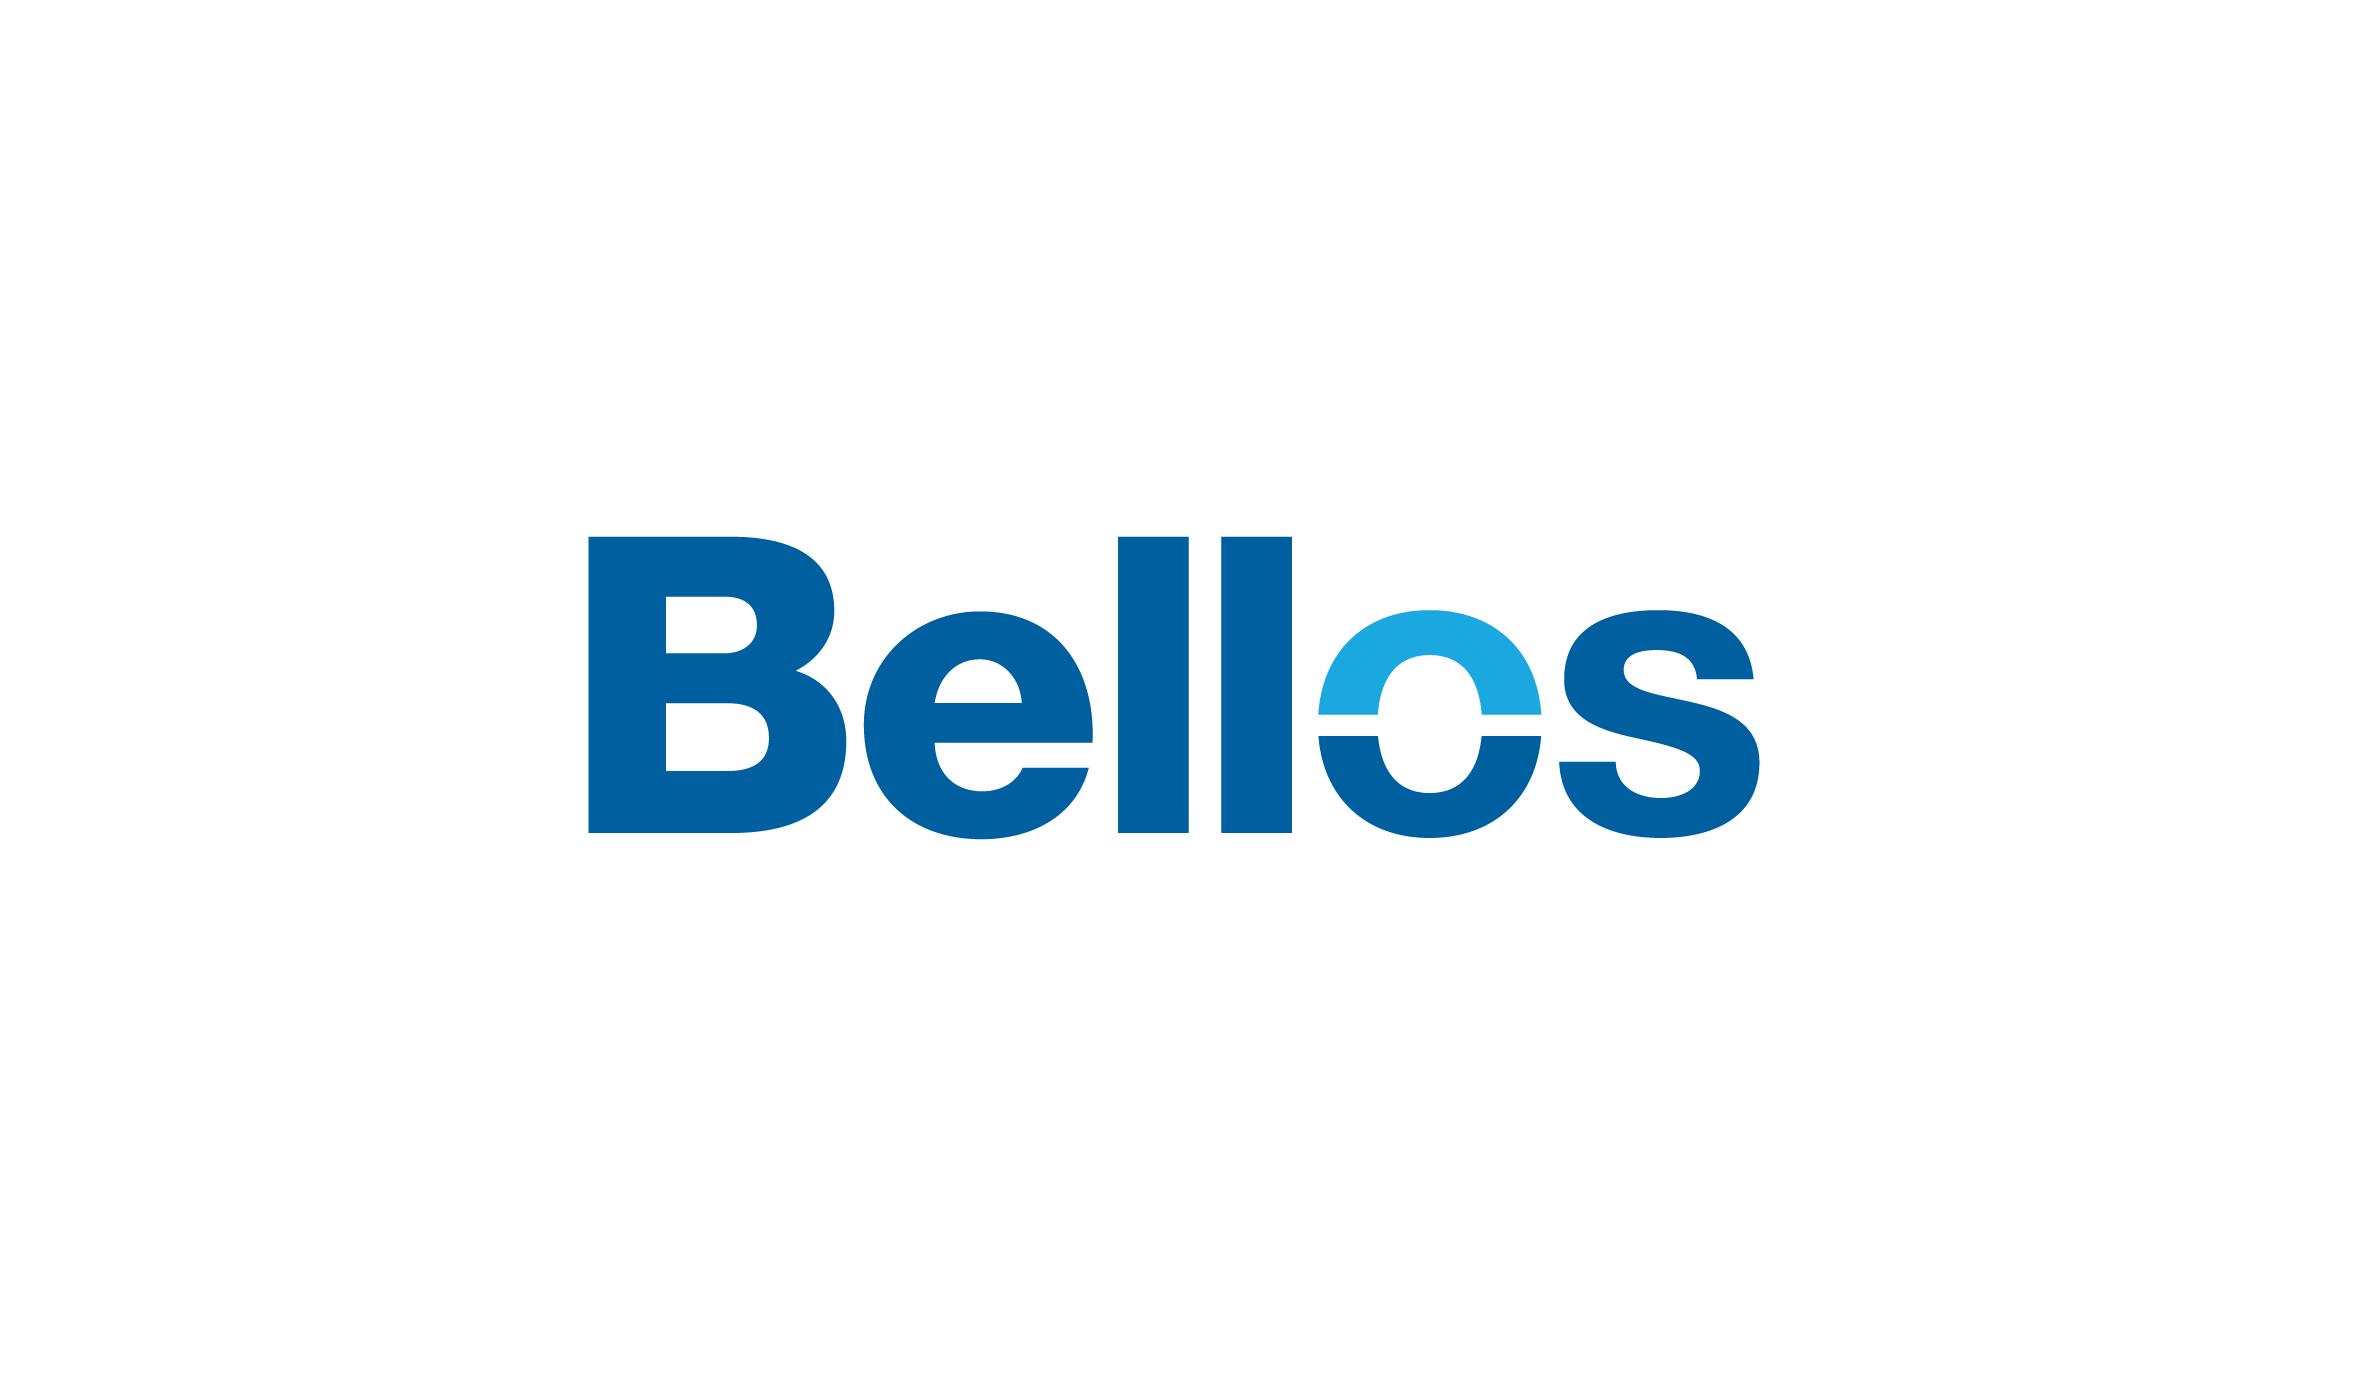 BSB_BellosLogo